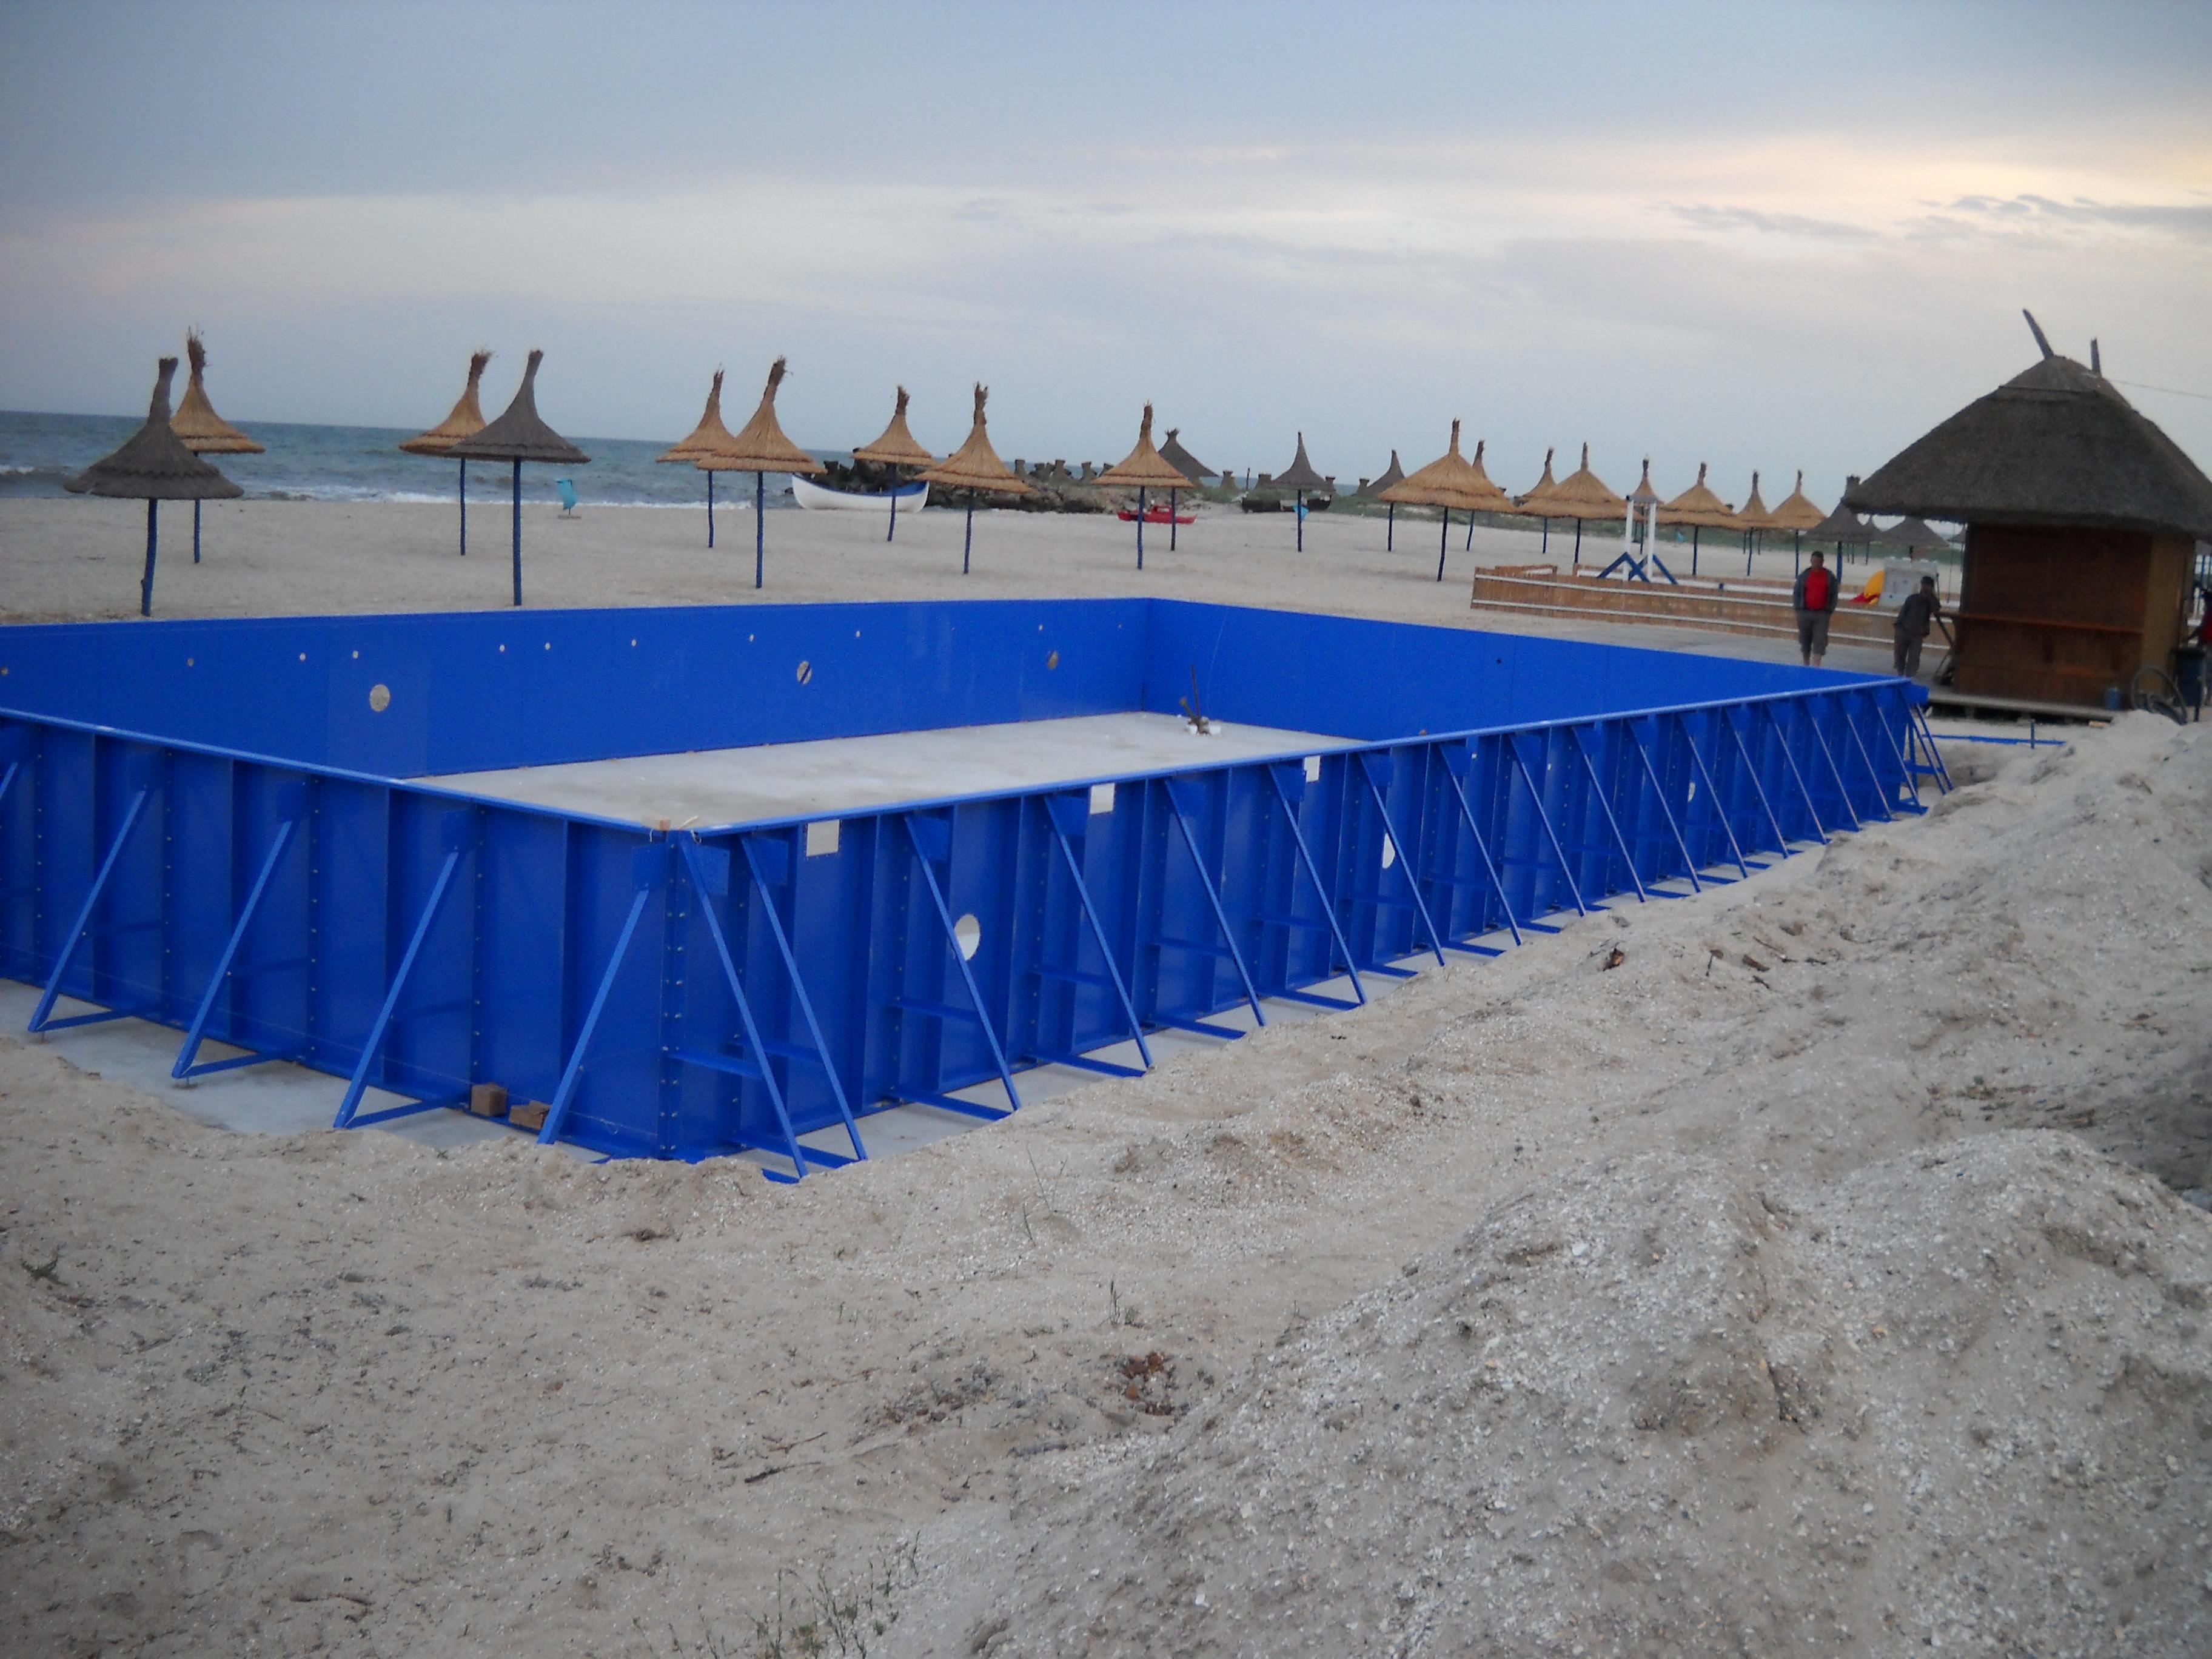 Faze de montaj piscine rezidentiale din panouri modulare de otel galvanizat ASTRAL POOL - Poza 5